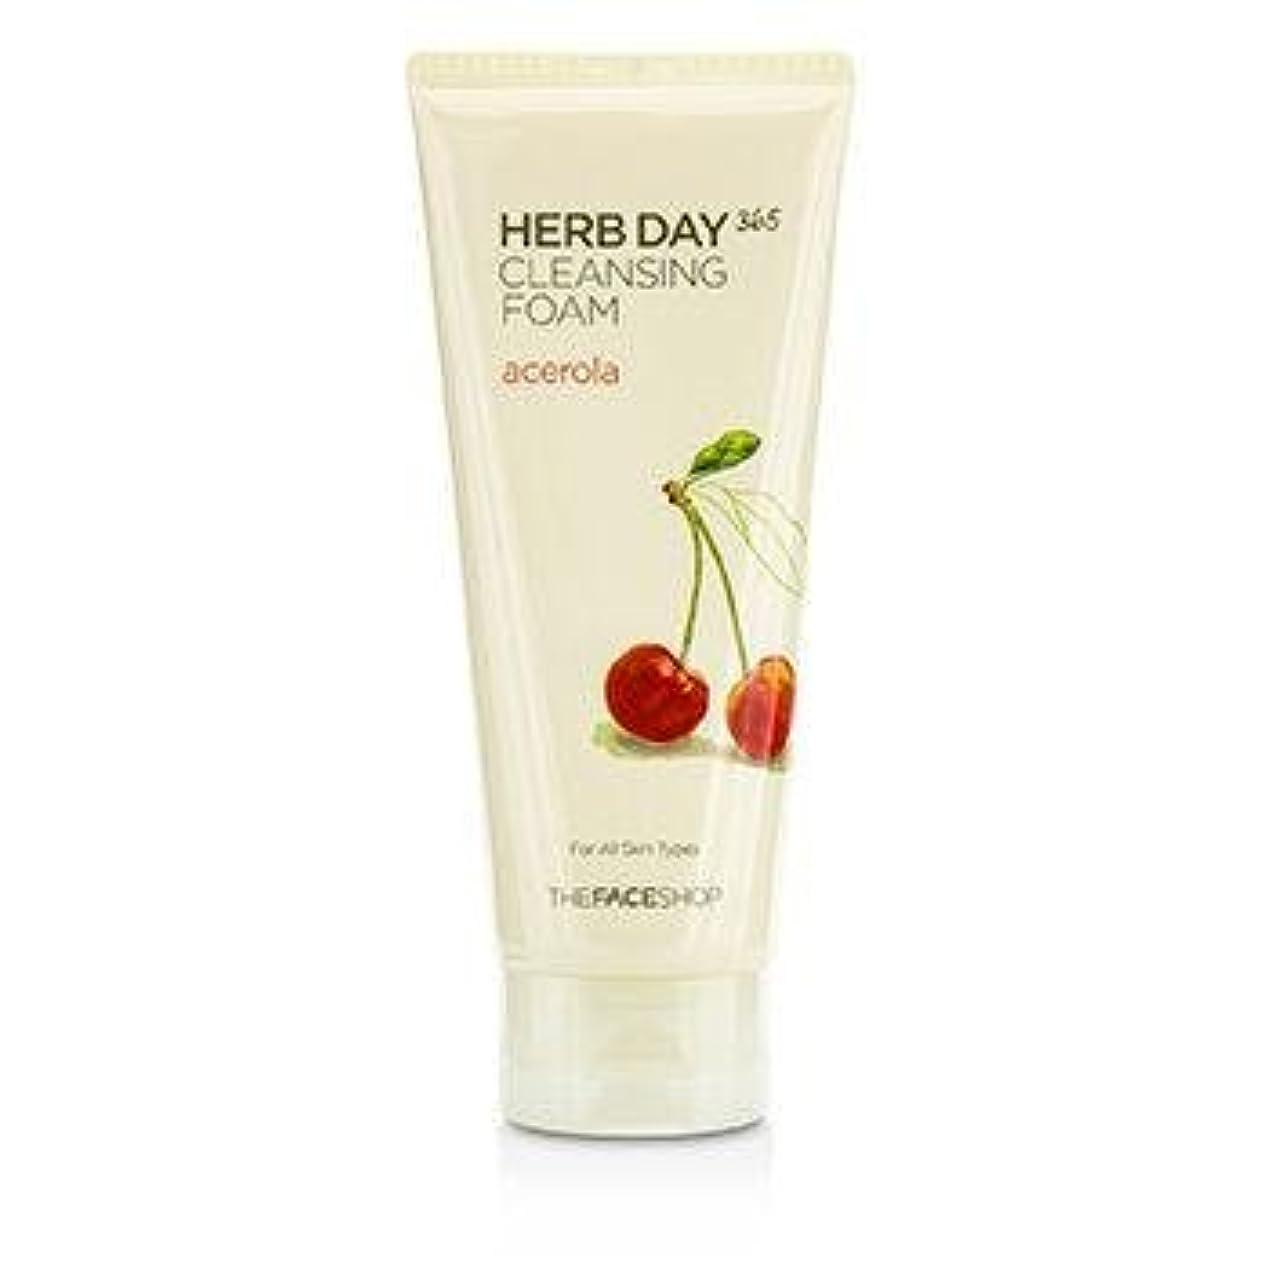 一節自分はちみつTHE FACE SHOP Herb Day 365 Cleansing Foam Acerola (並行輸入品)